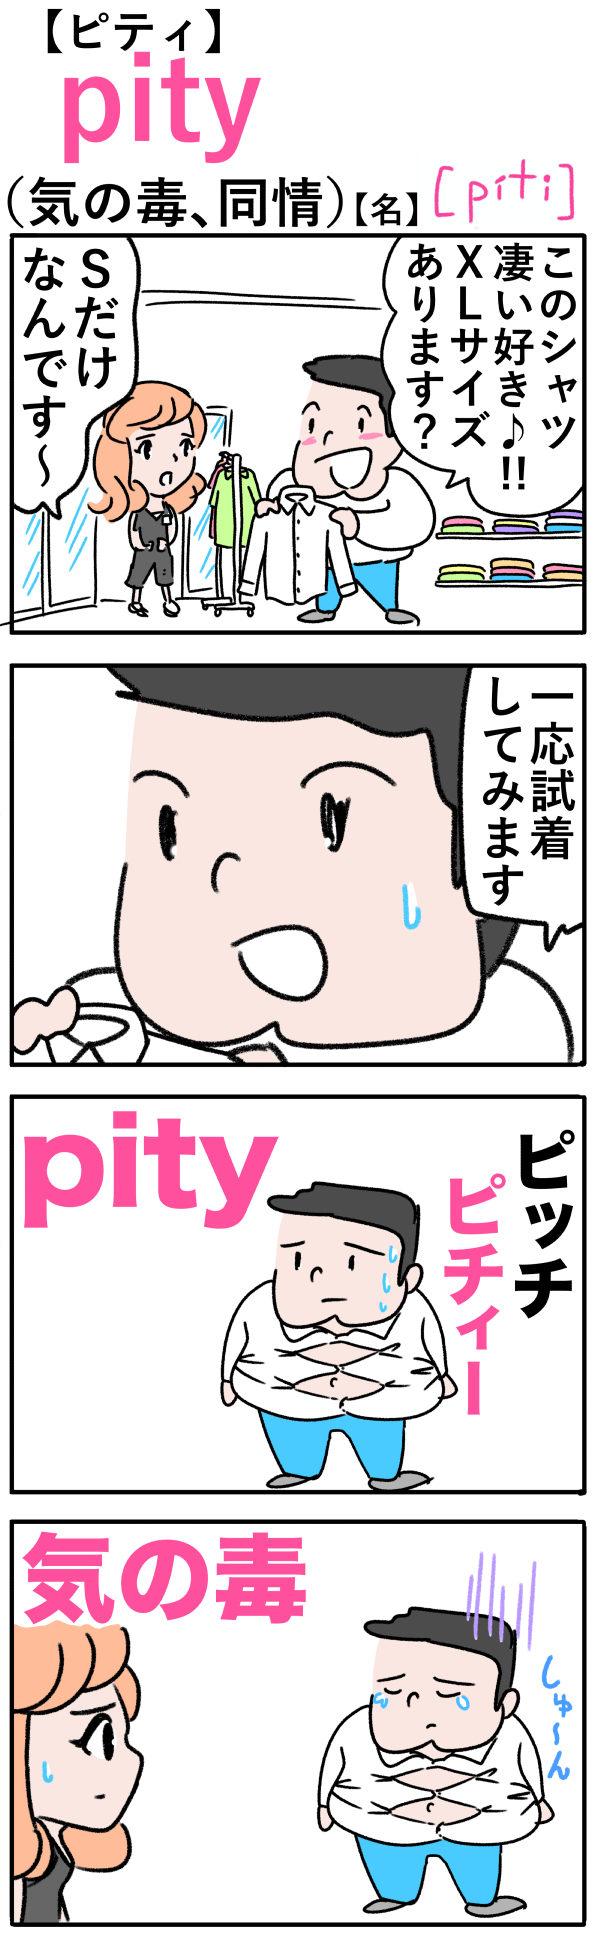 pity(気の毒)の語呂合わせ英単語